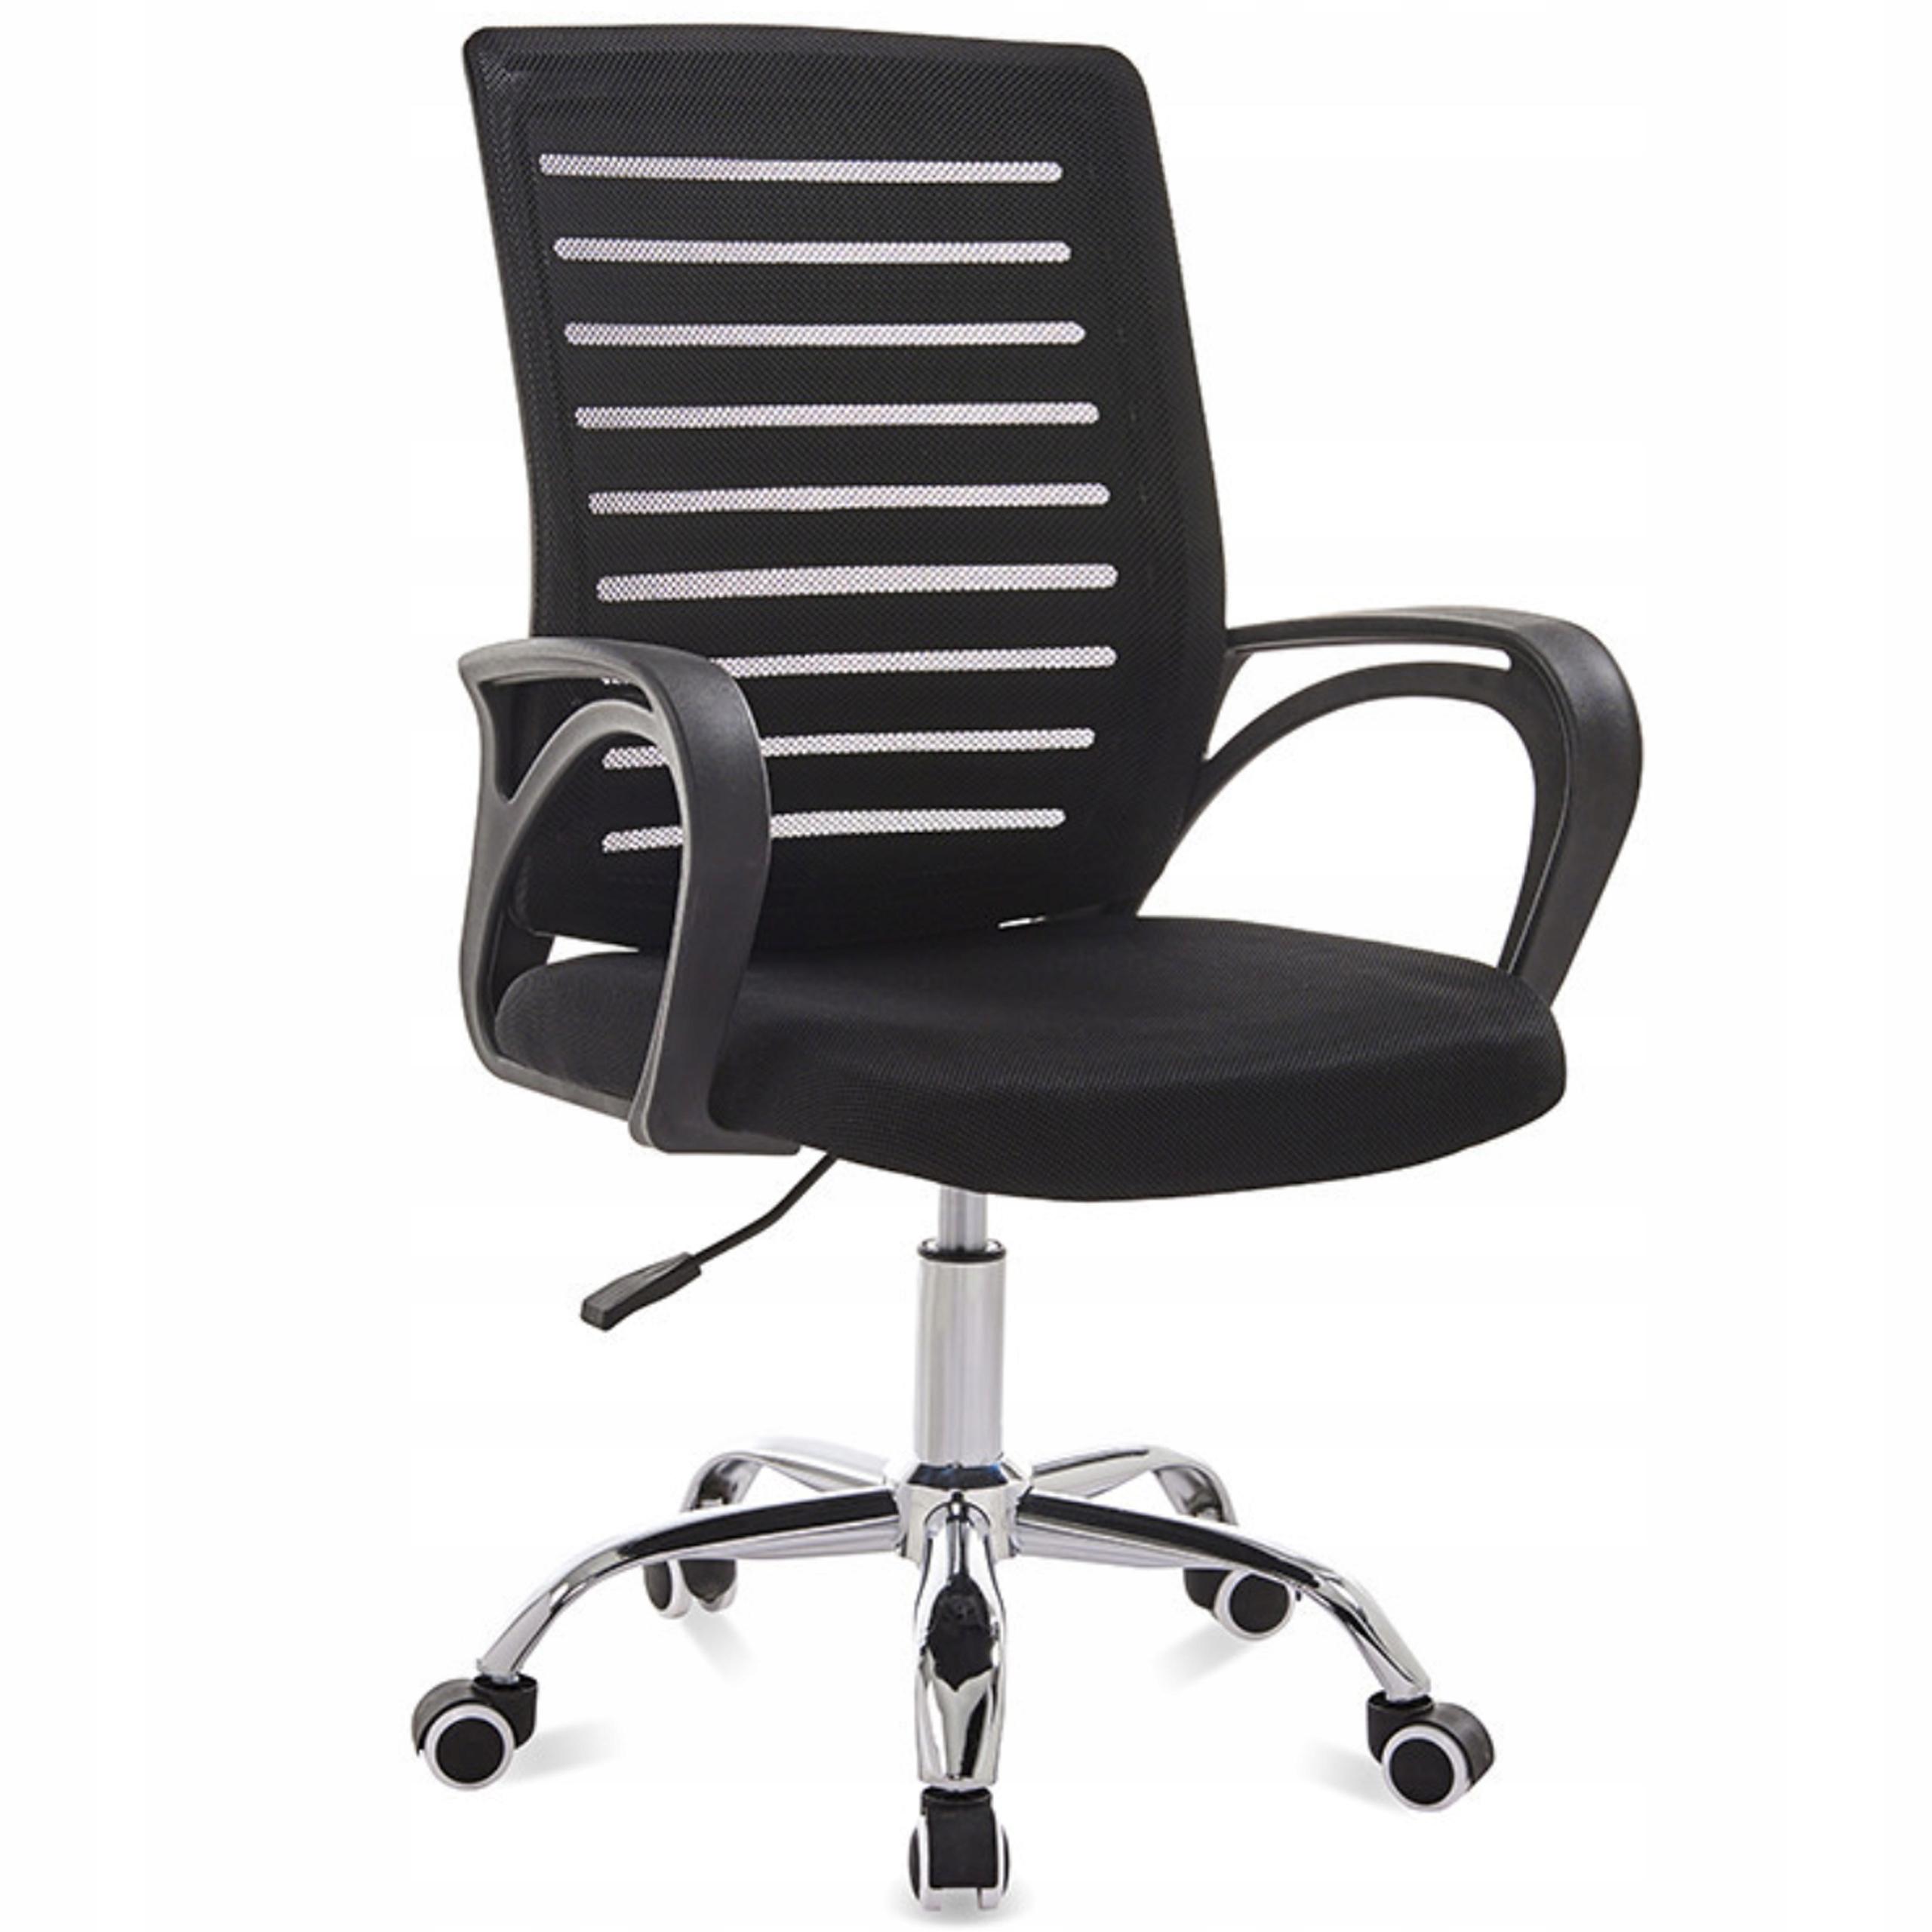 Офисное кресло поворотное эргономичное кресло LC02